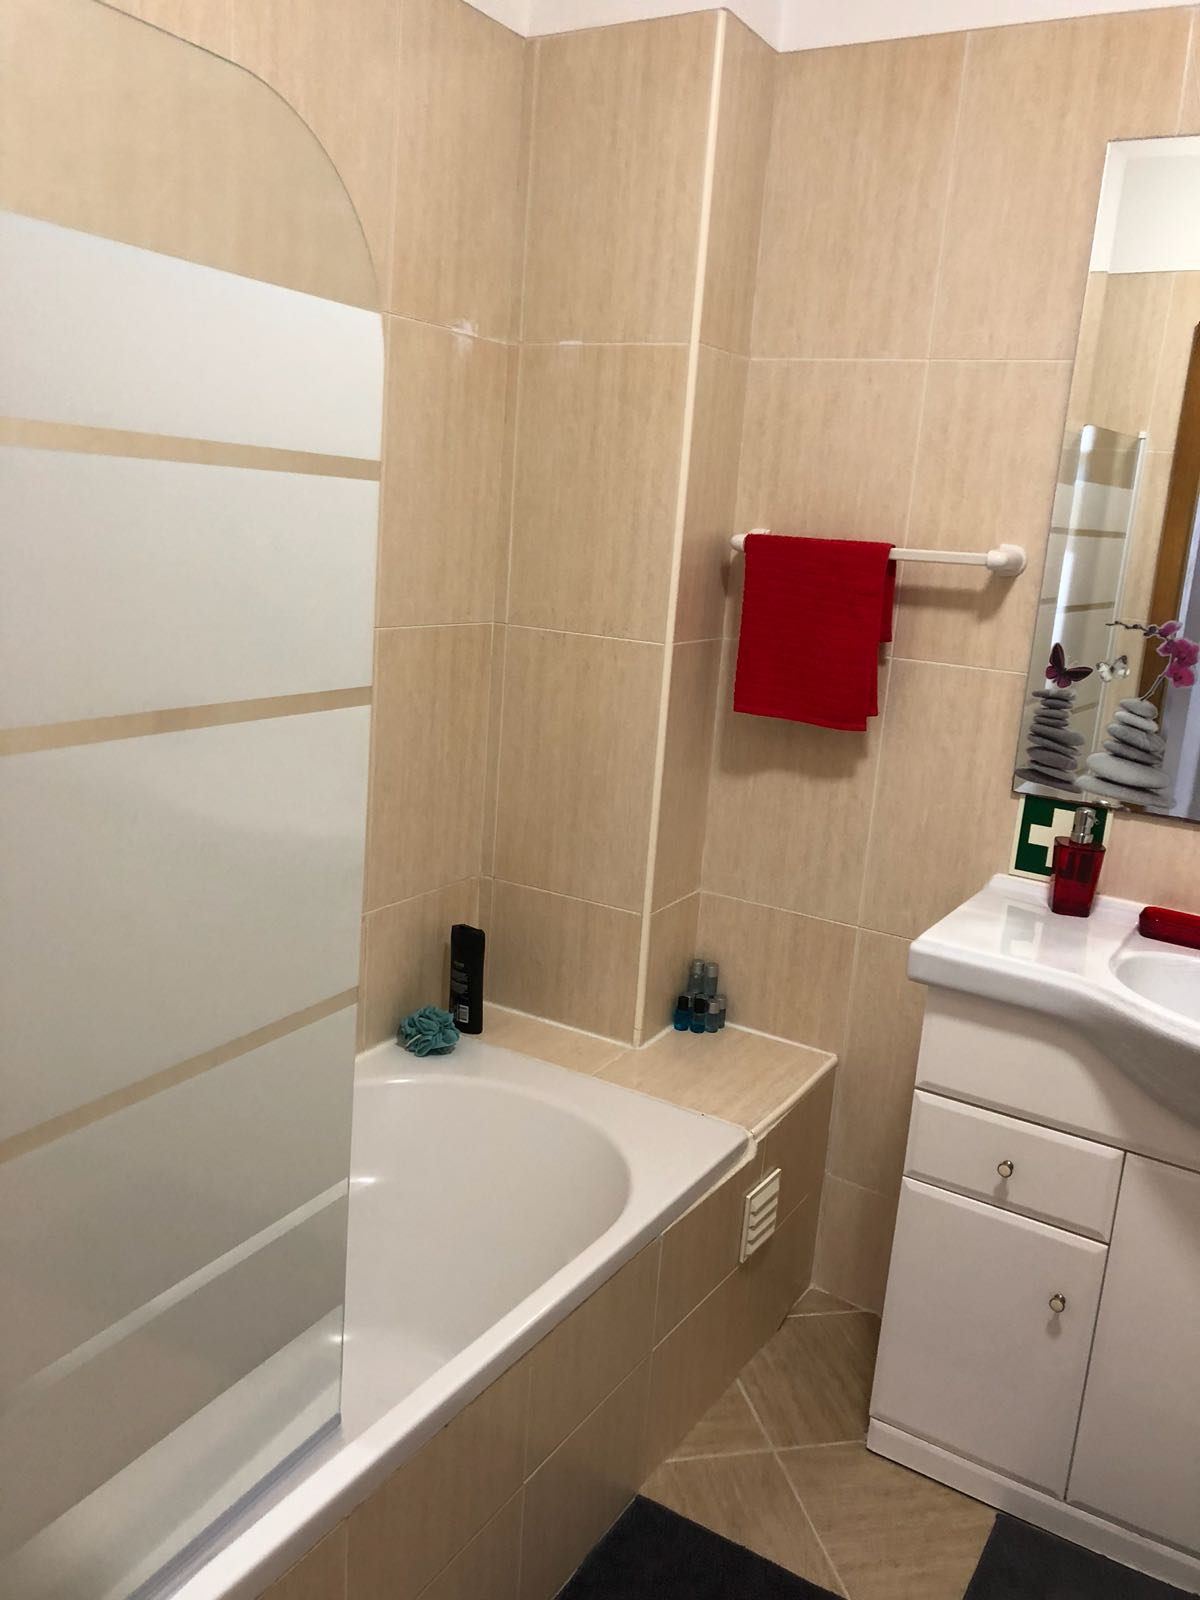 Apartamentos e moradias para alugar, Apartamento T1 - Albufeira - Piscina e Garagem em Albufeira, Portugal Algarve, REF_IMG_6128_6131